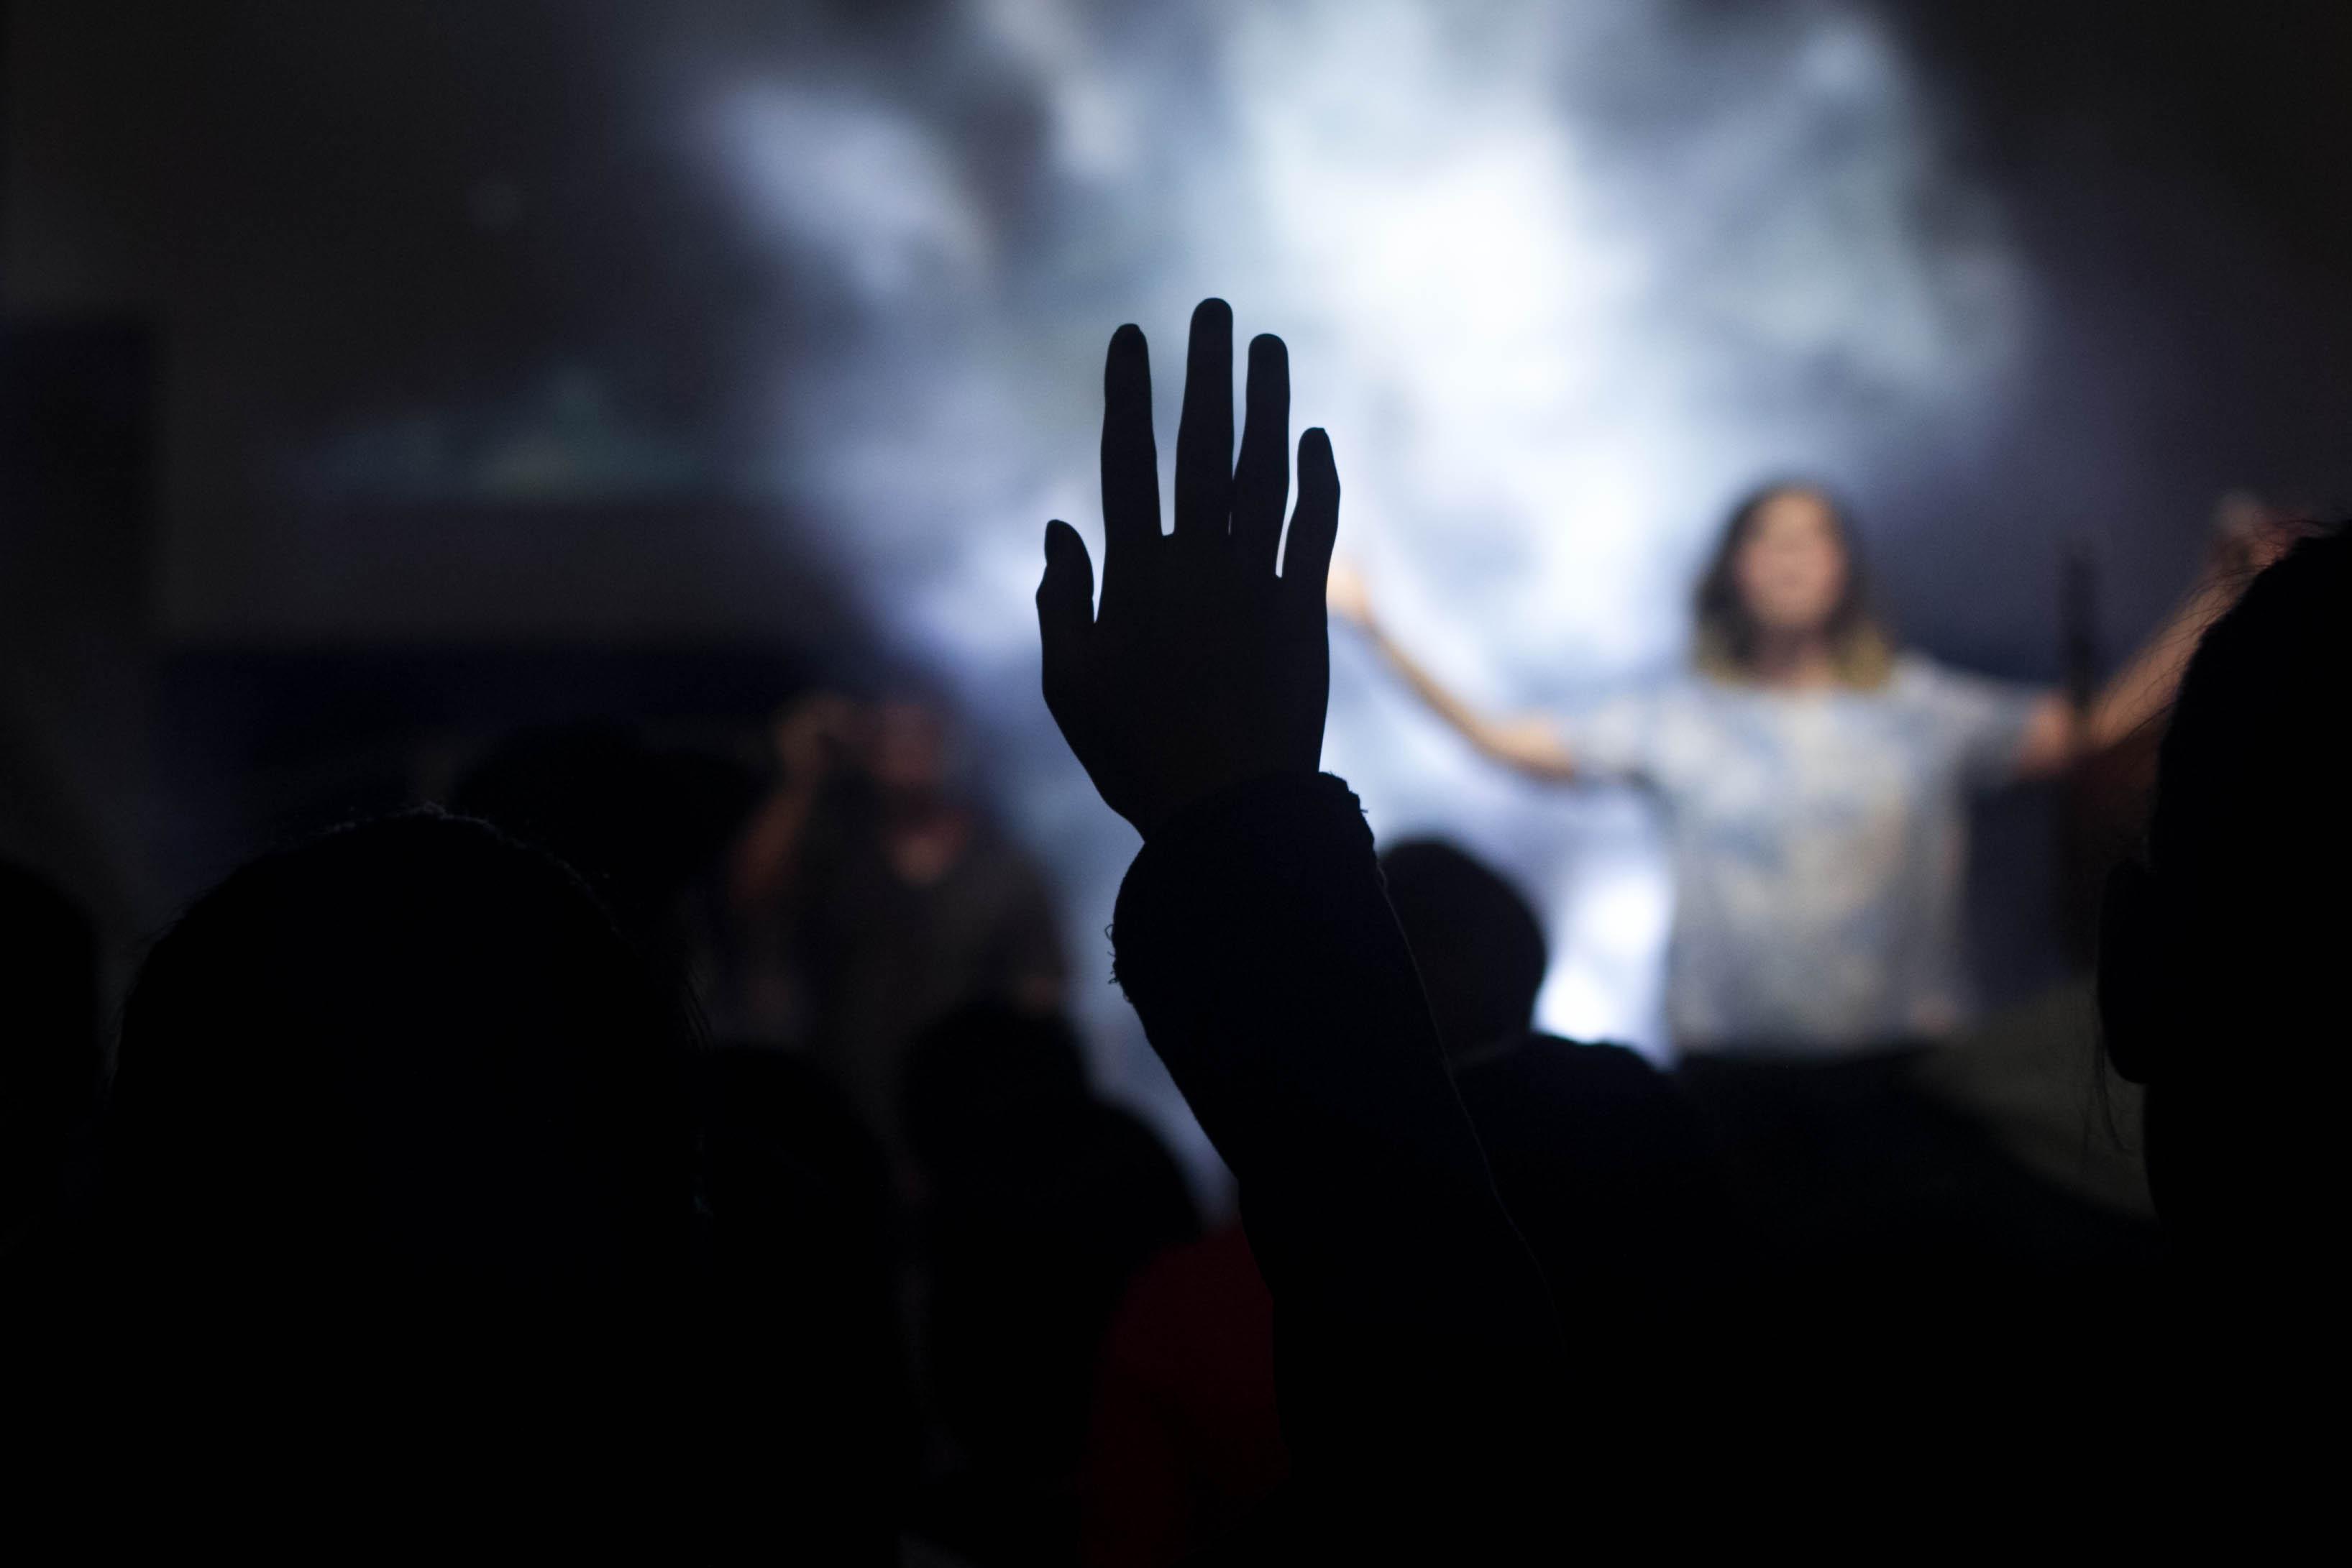 speaking between worship songs